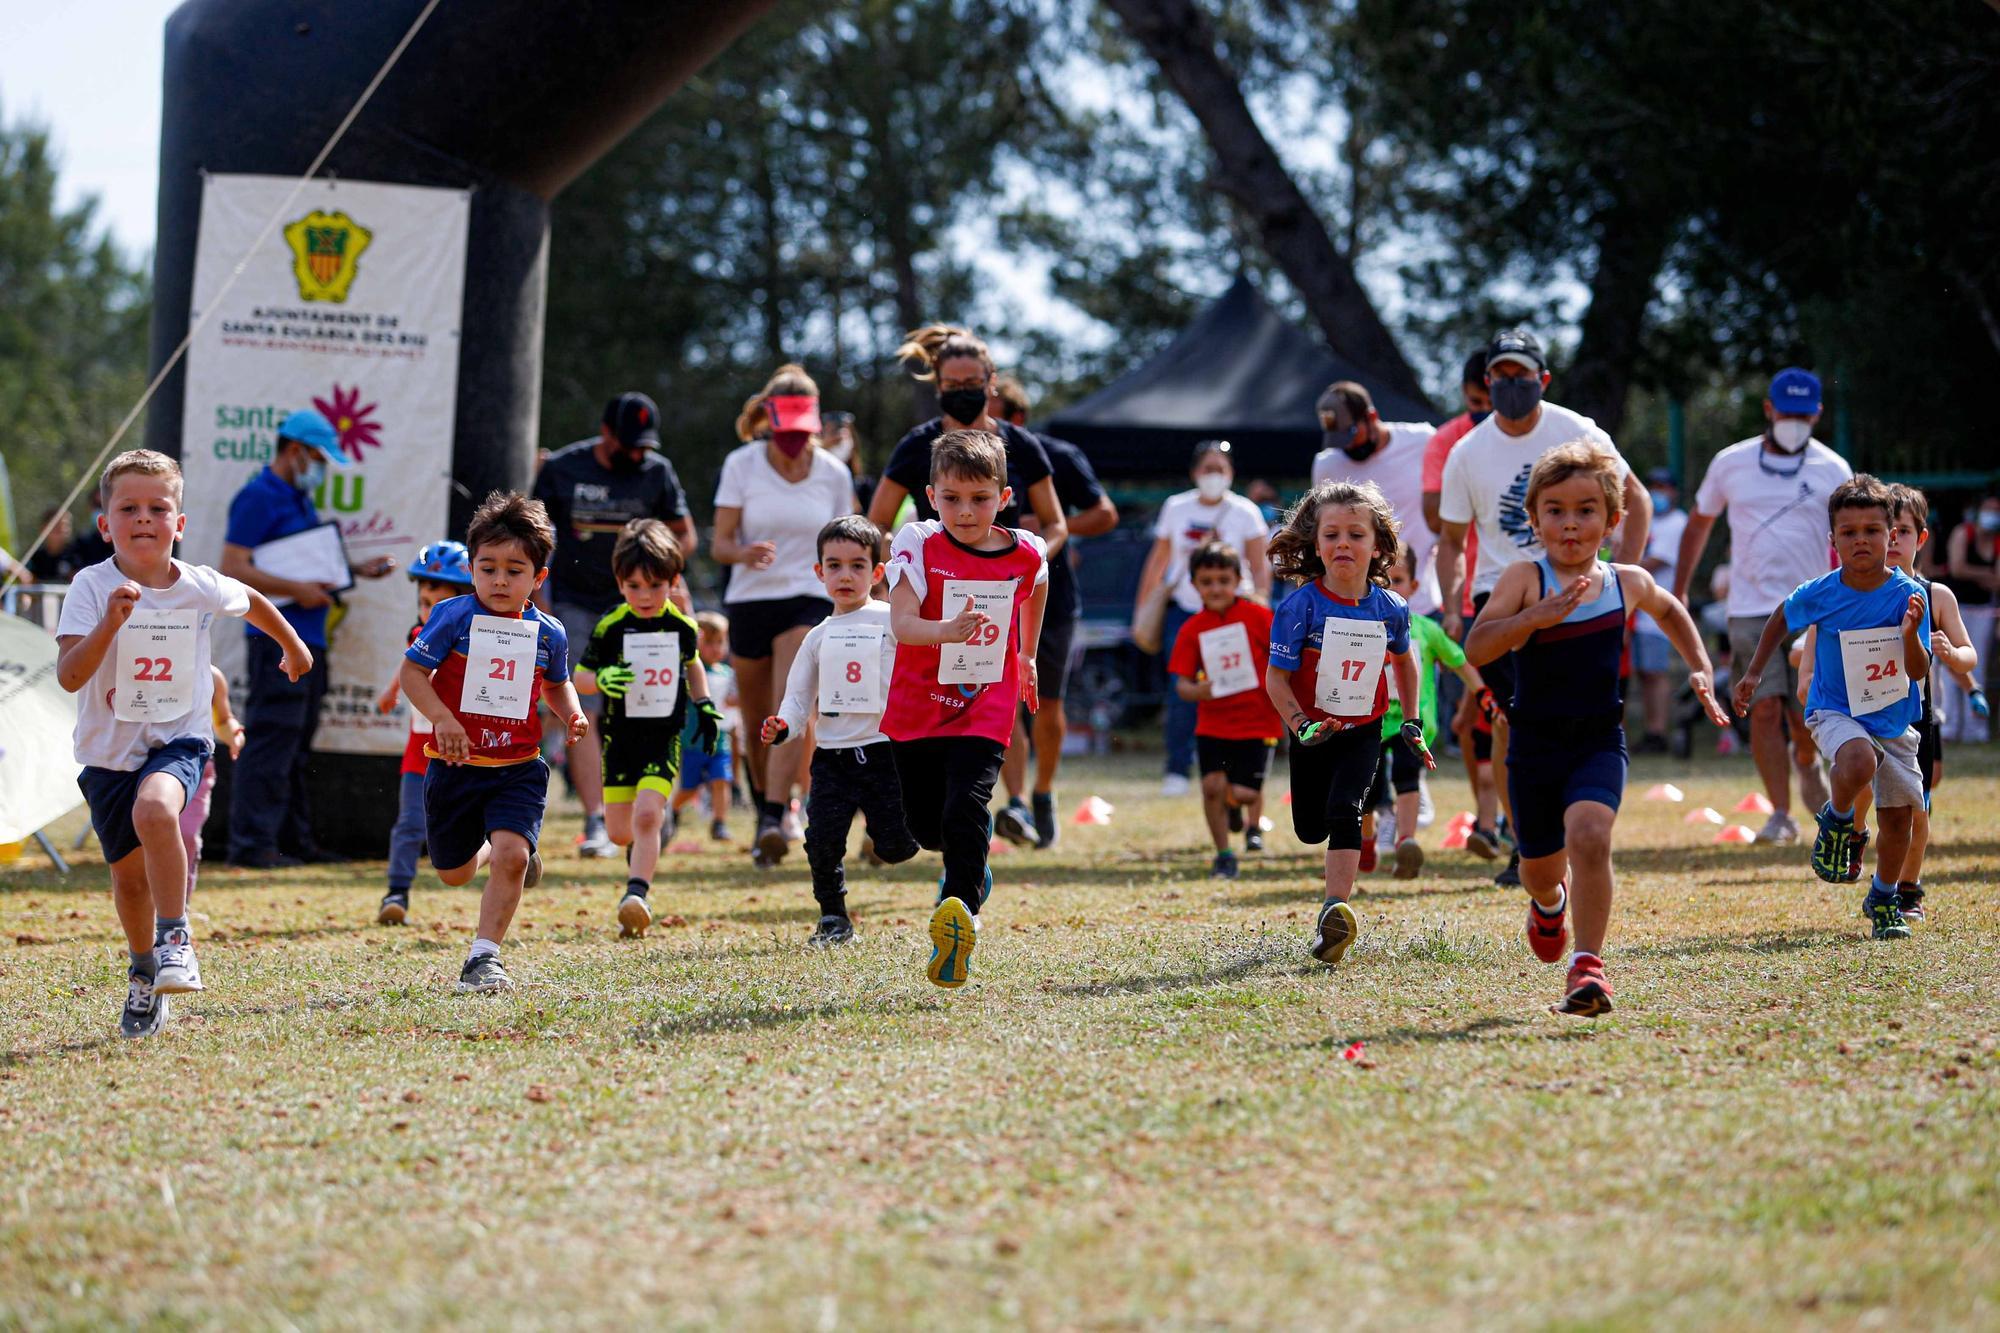 Éxito de participación en el Duatlón Cross de Can Truy con 90 niños